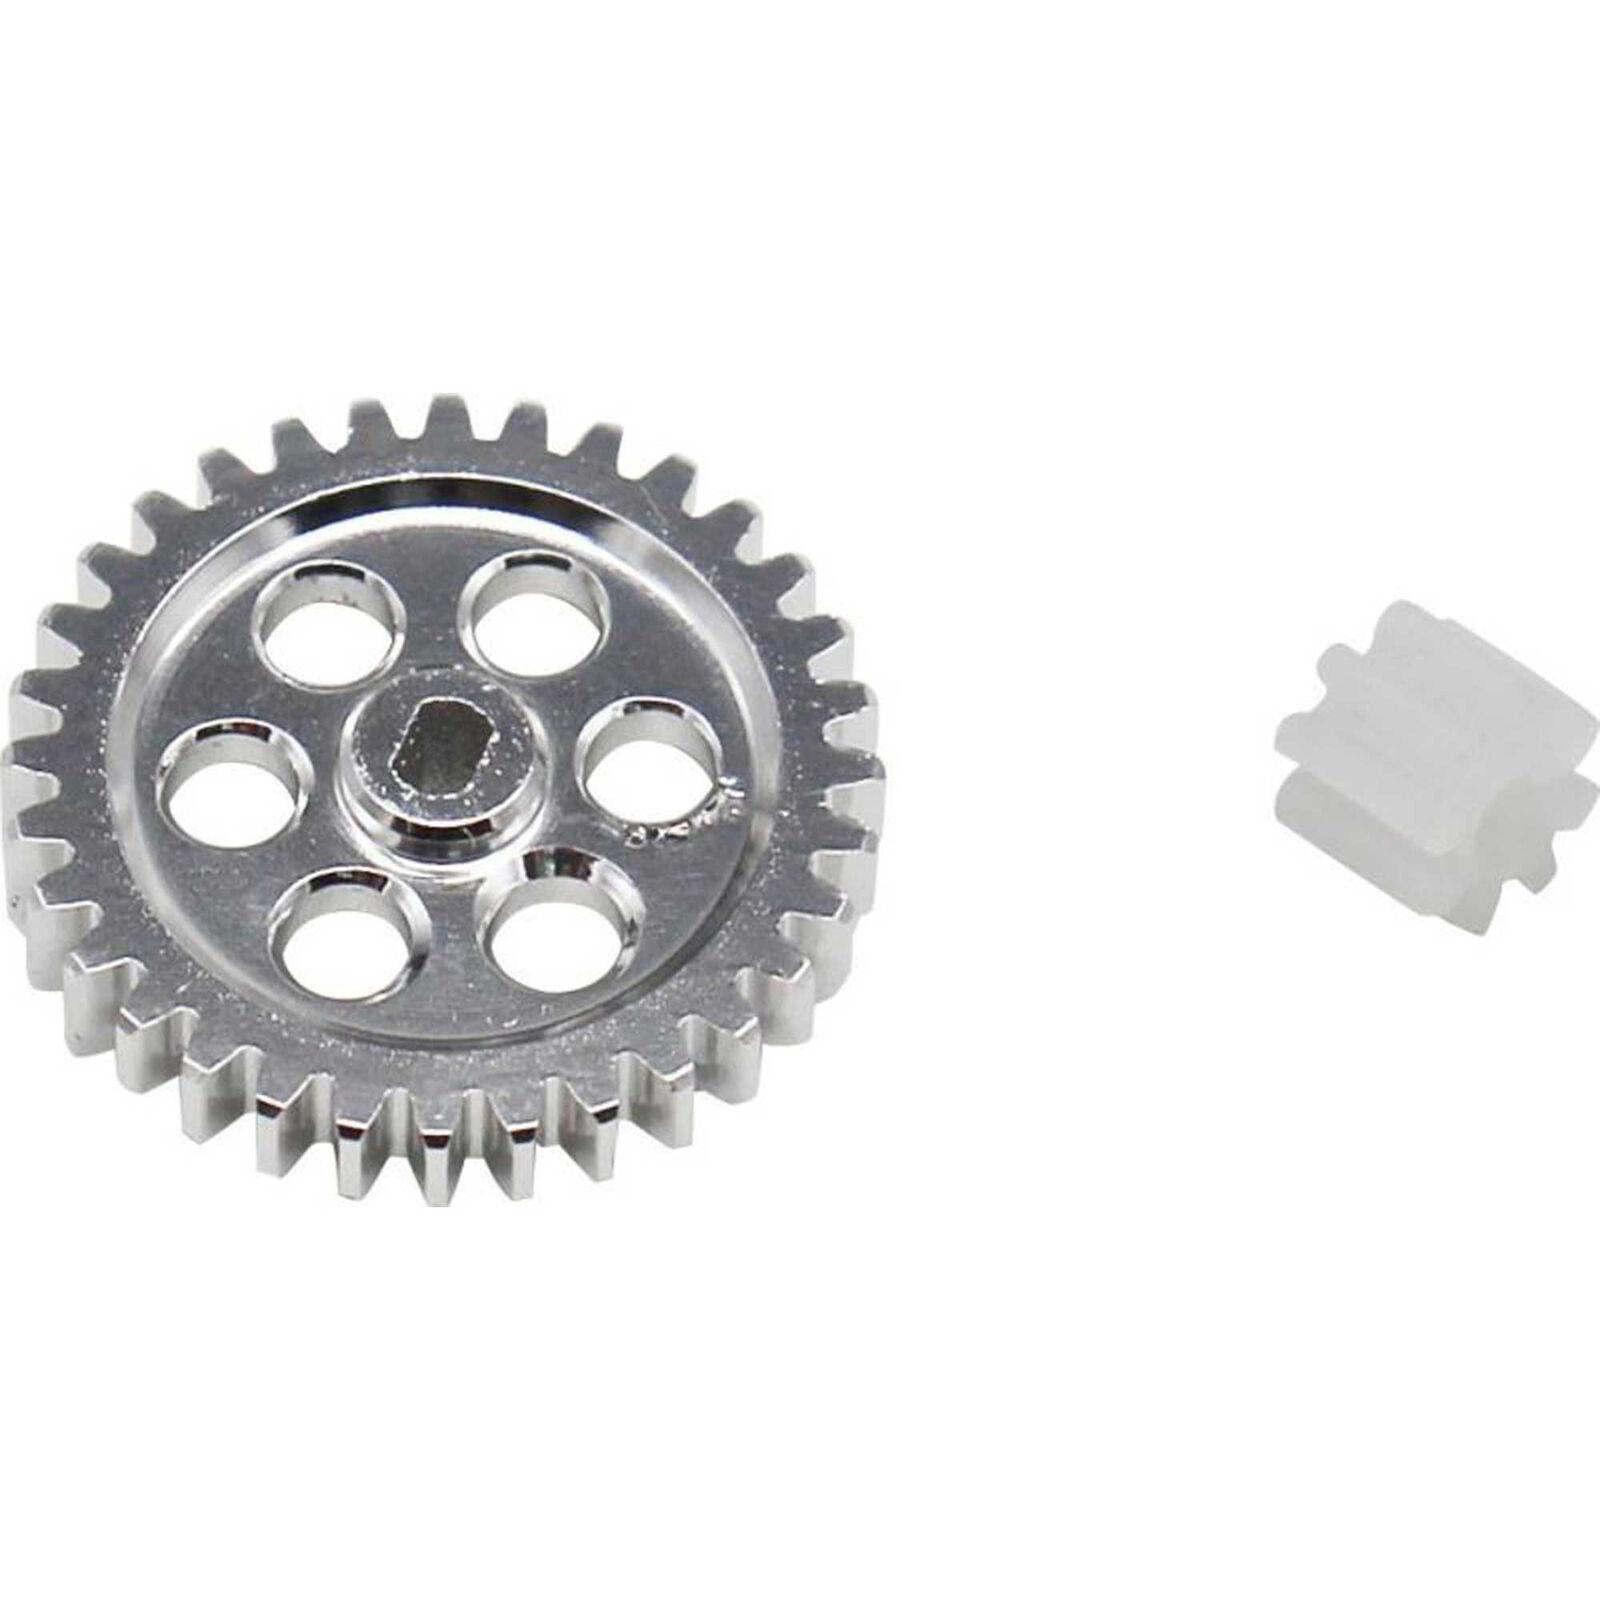 0.5M Spur Gear Conversion: Axial SCX24